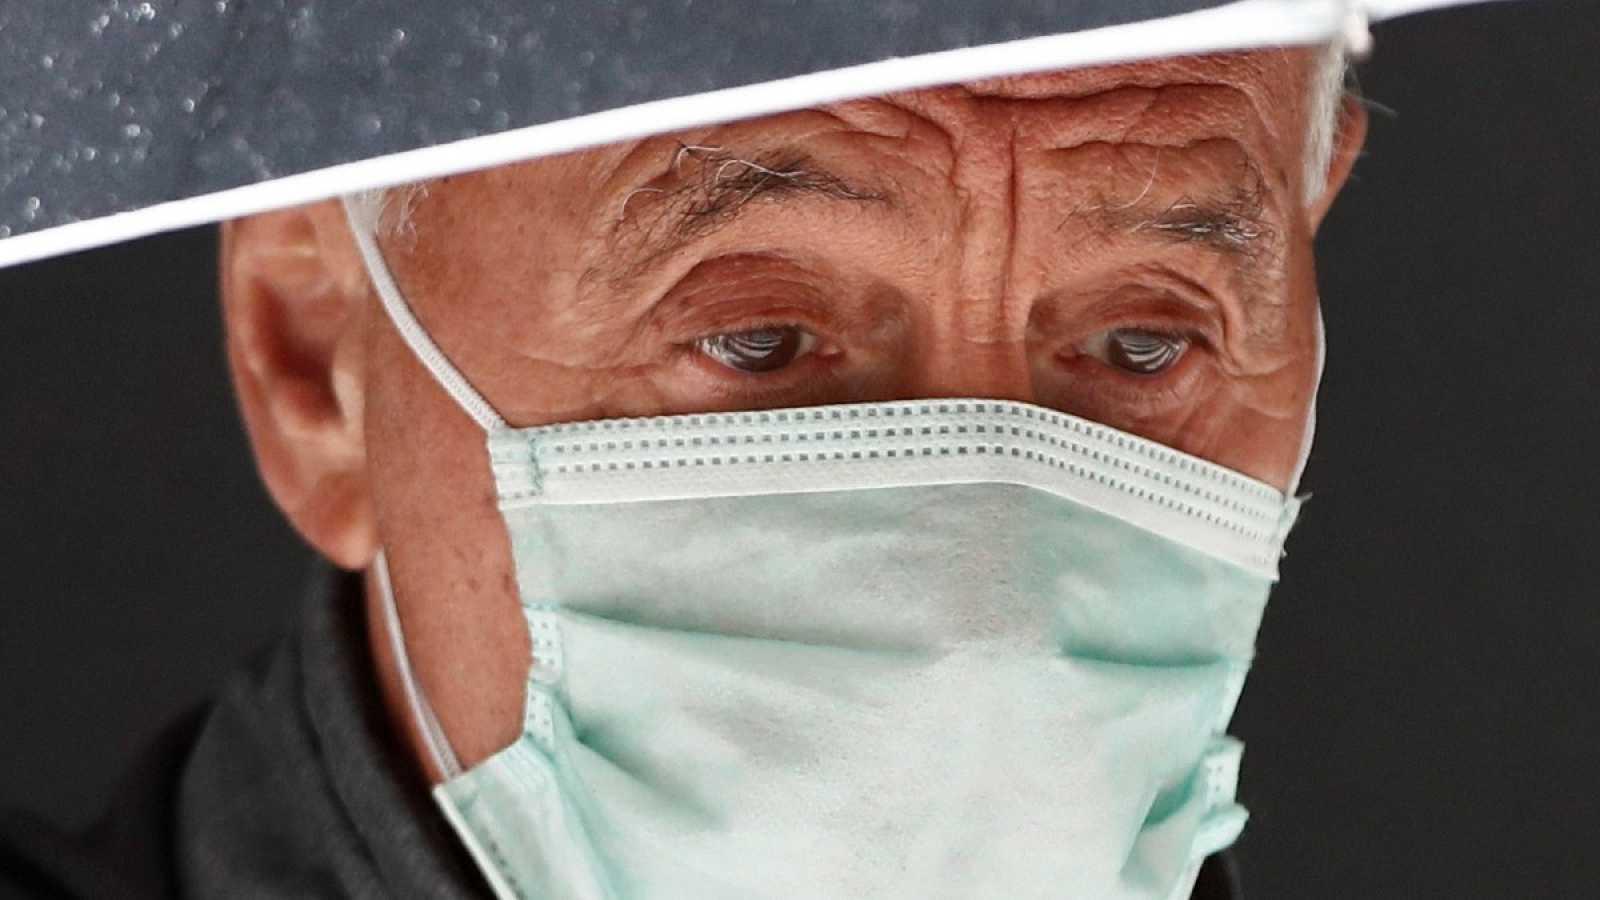 Así se utilizan las mascarillas higiénicas que el Gobierno recomienda a la población contra el coronavirus